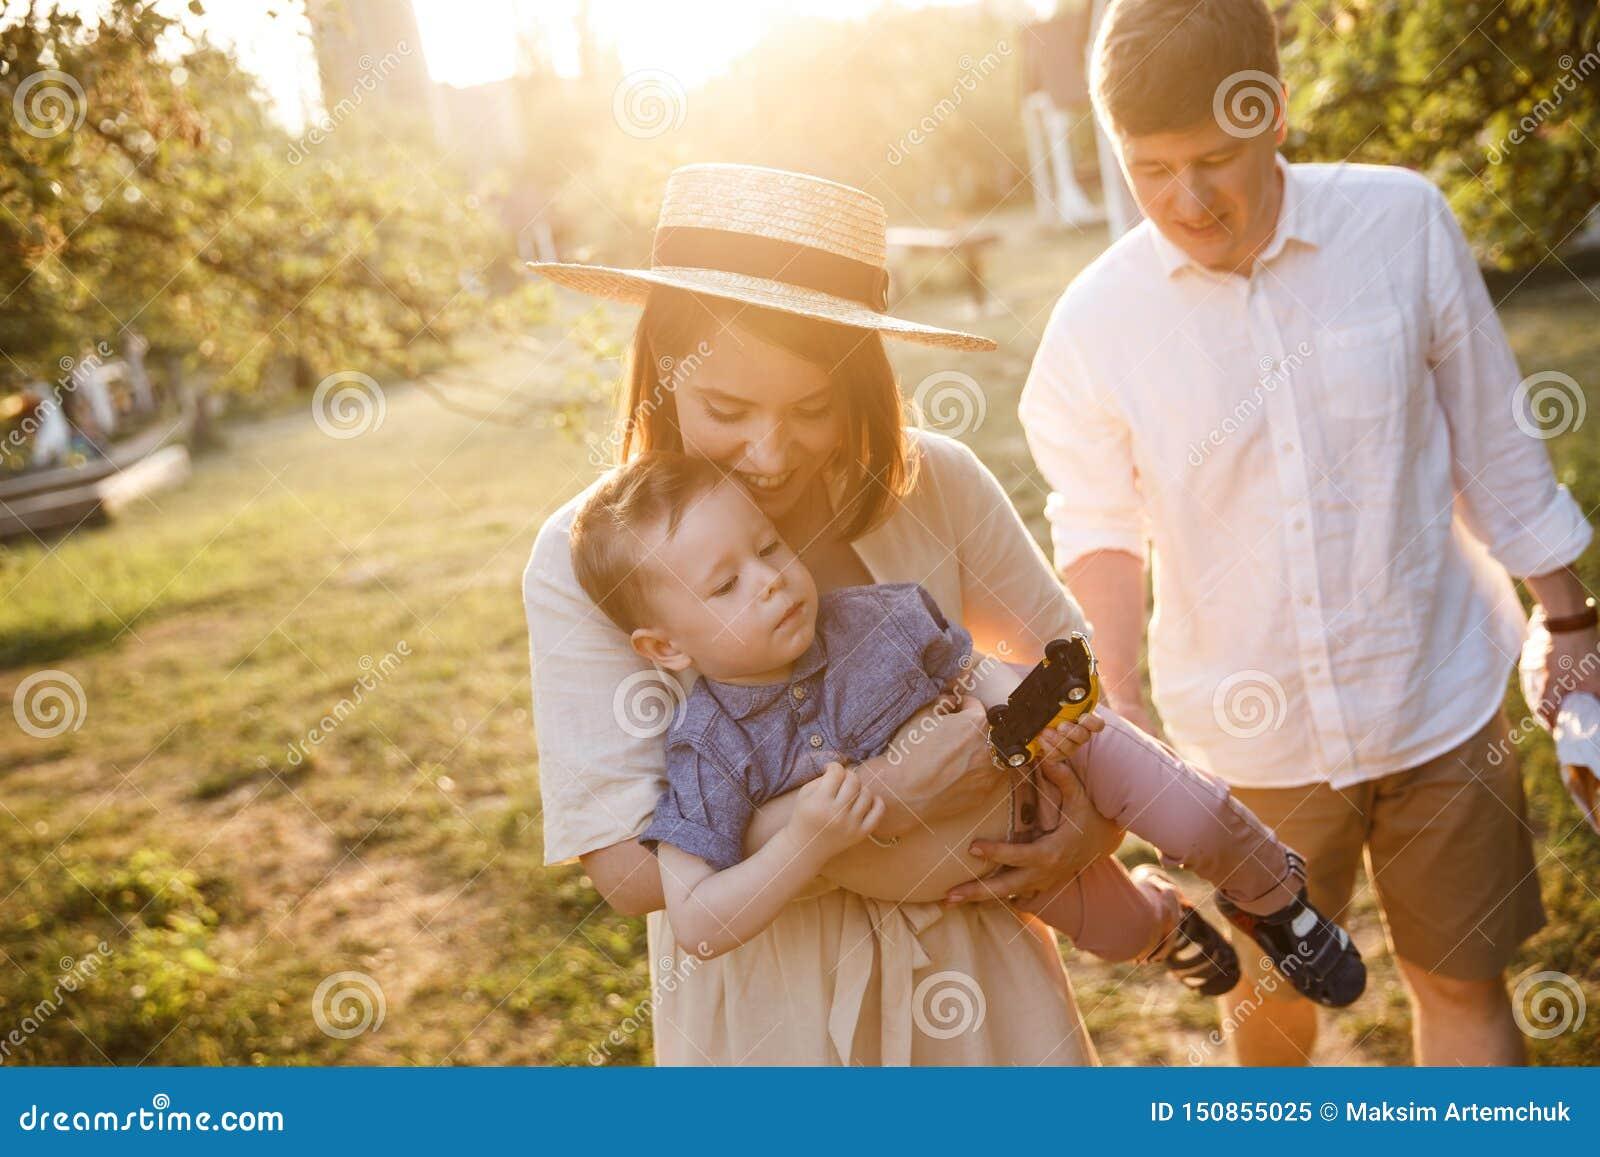 La famille heureuse marche le togther dans le jardin La mère joue avec son fils et s inquiète le sur des mains Elle sourit